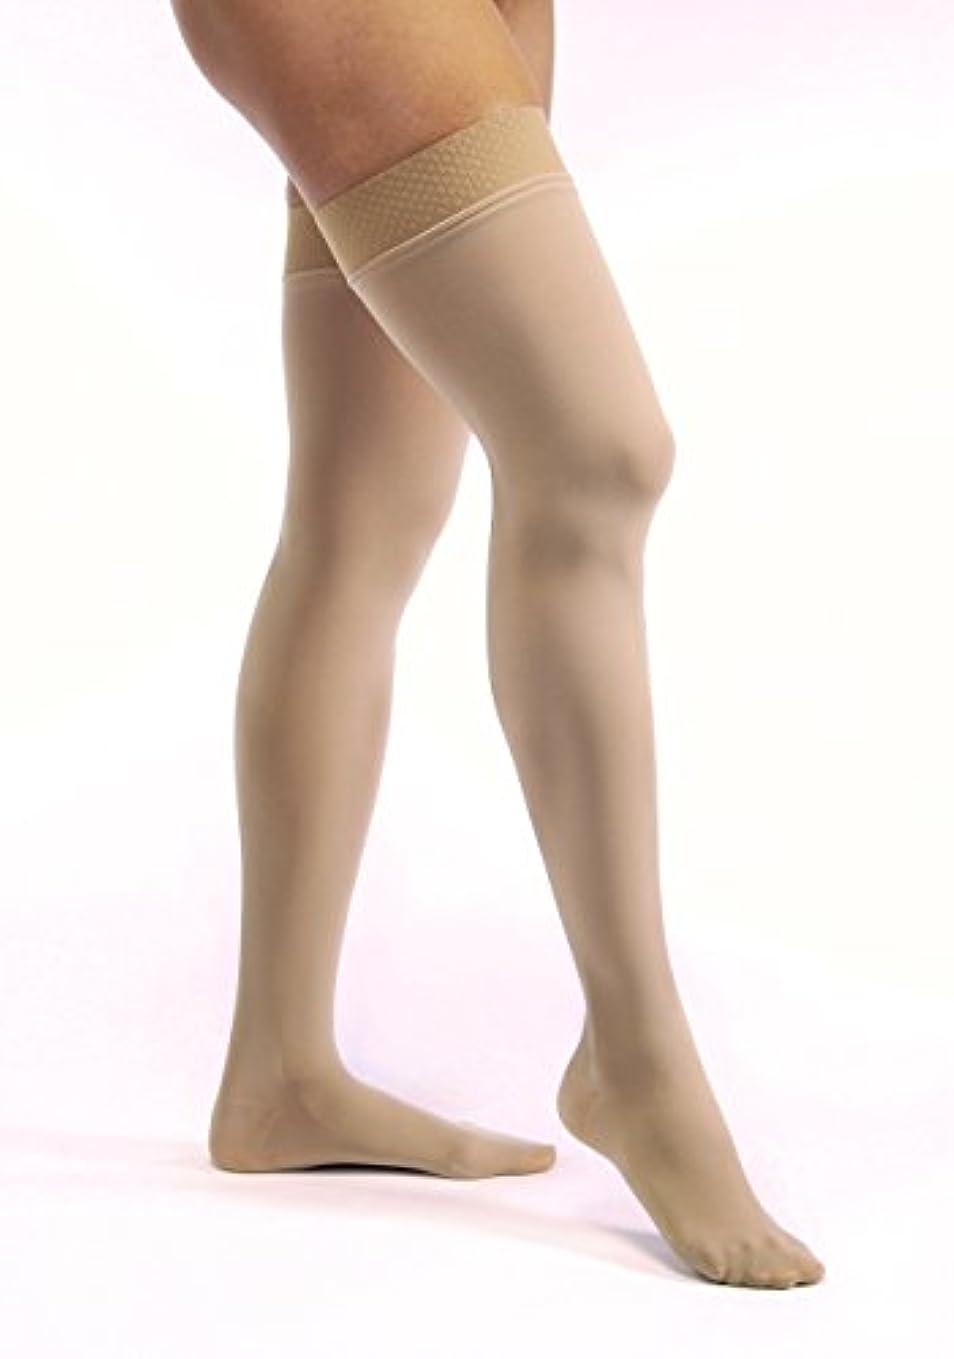 パイプラインフォーム回答Jobst 115471 Opaque Closed Toe Thigh High 20-30 mmHg Firm Support Stockings - Size & Color- Espresso X-Large